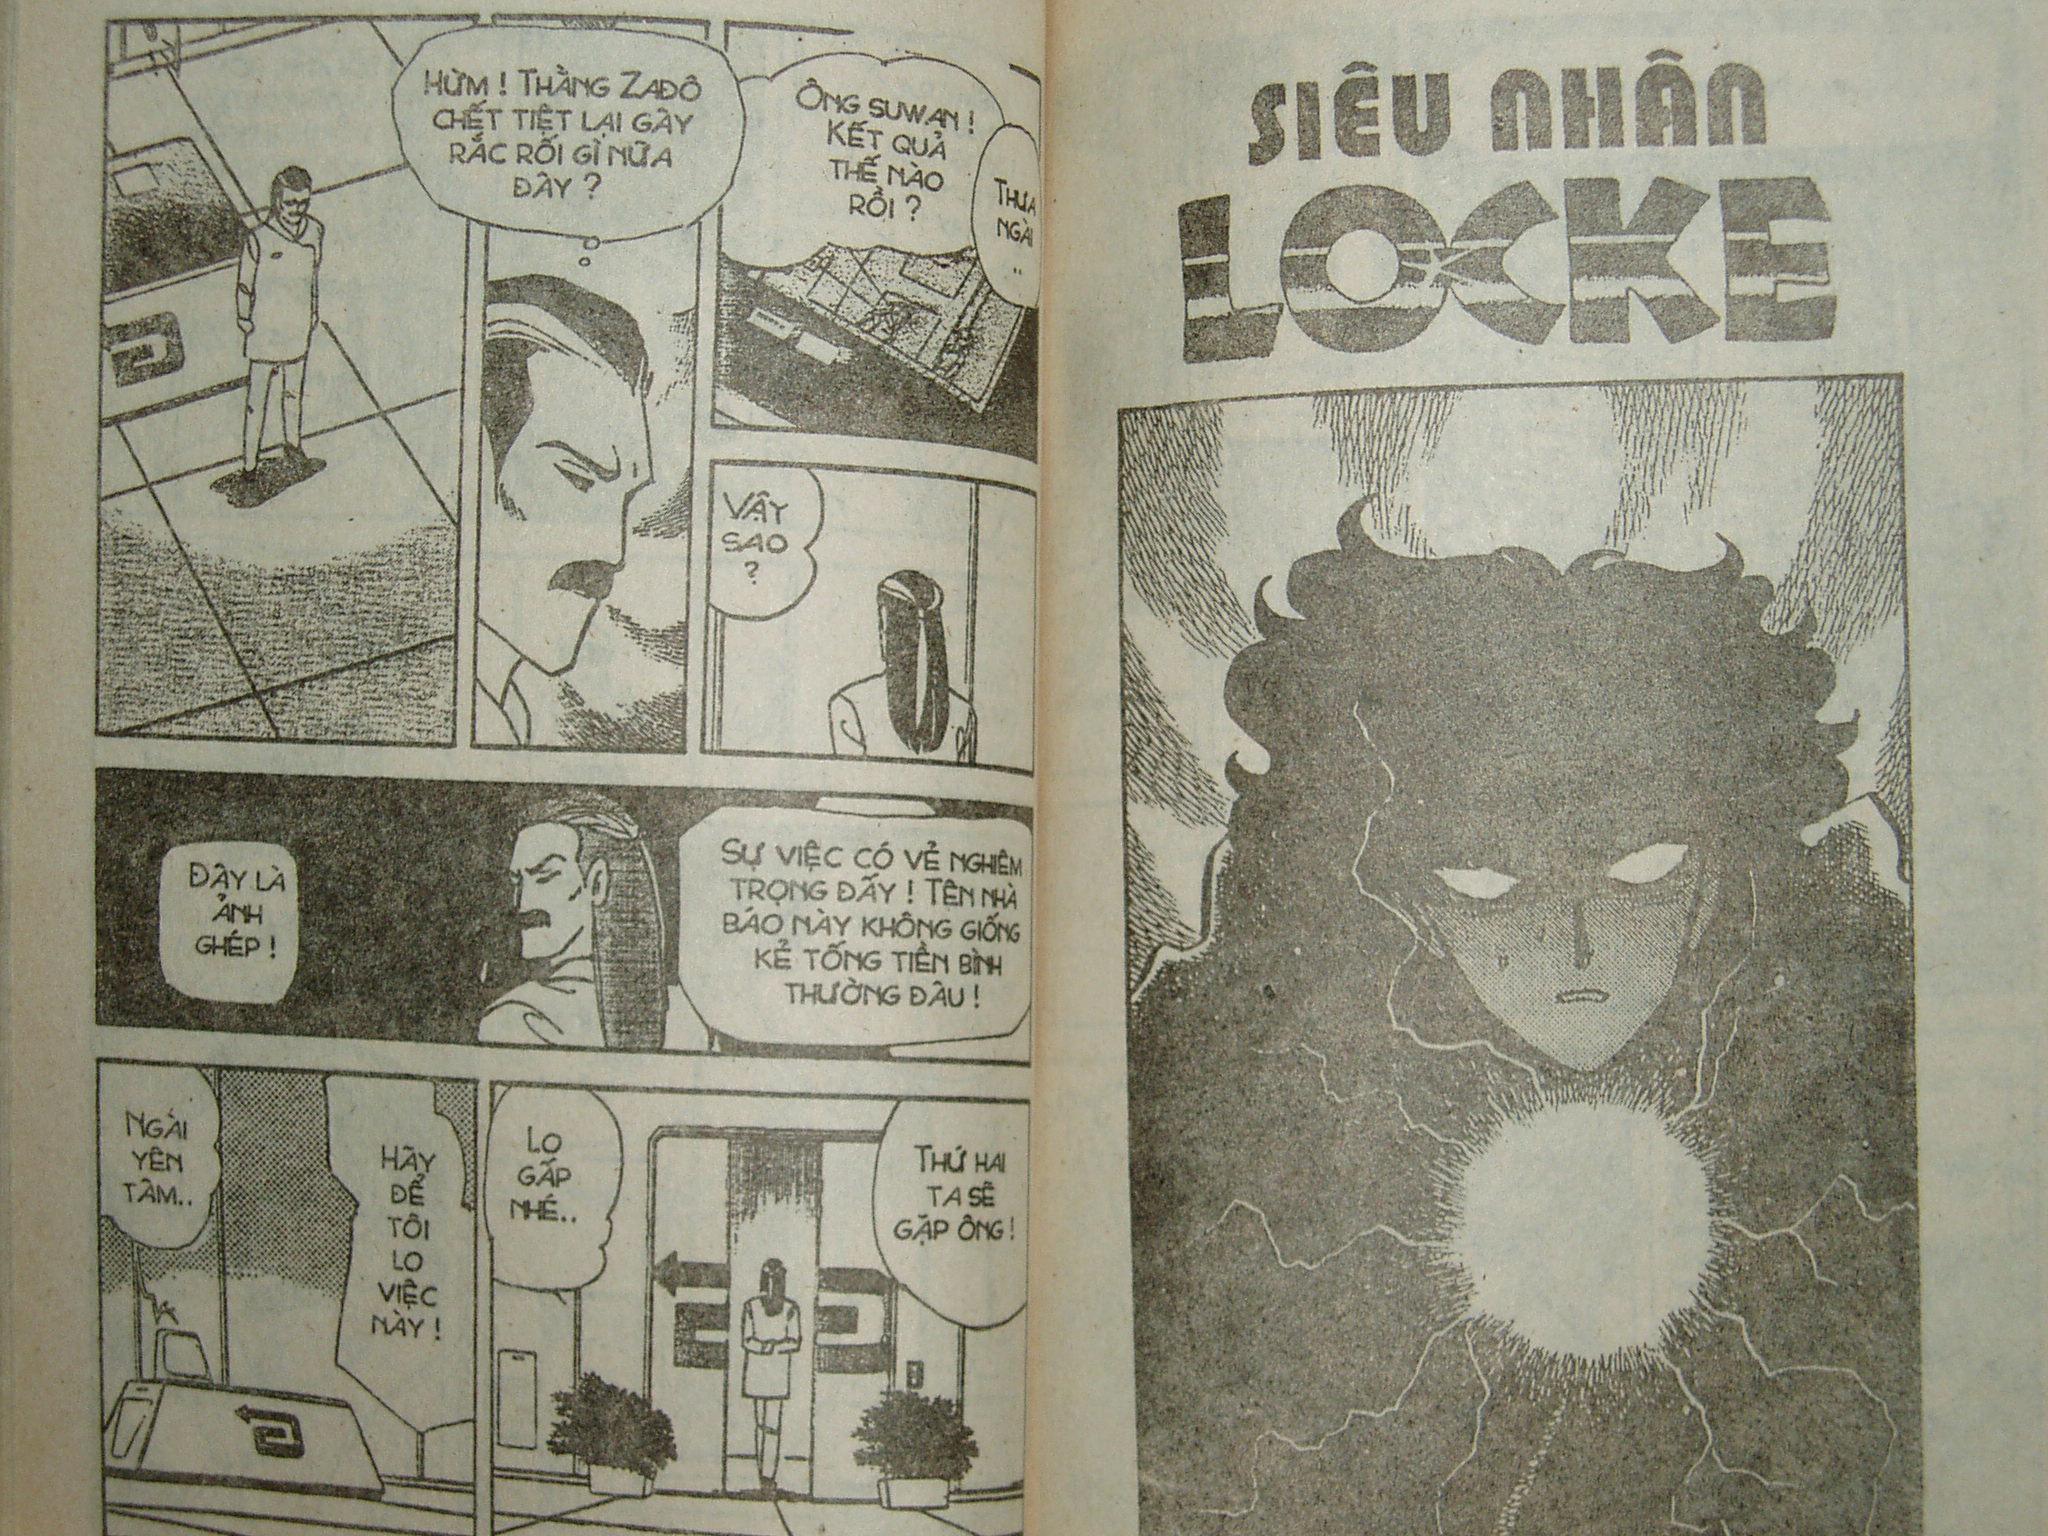 Siêu nhân Locke vol 14 trang 50